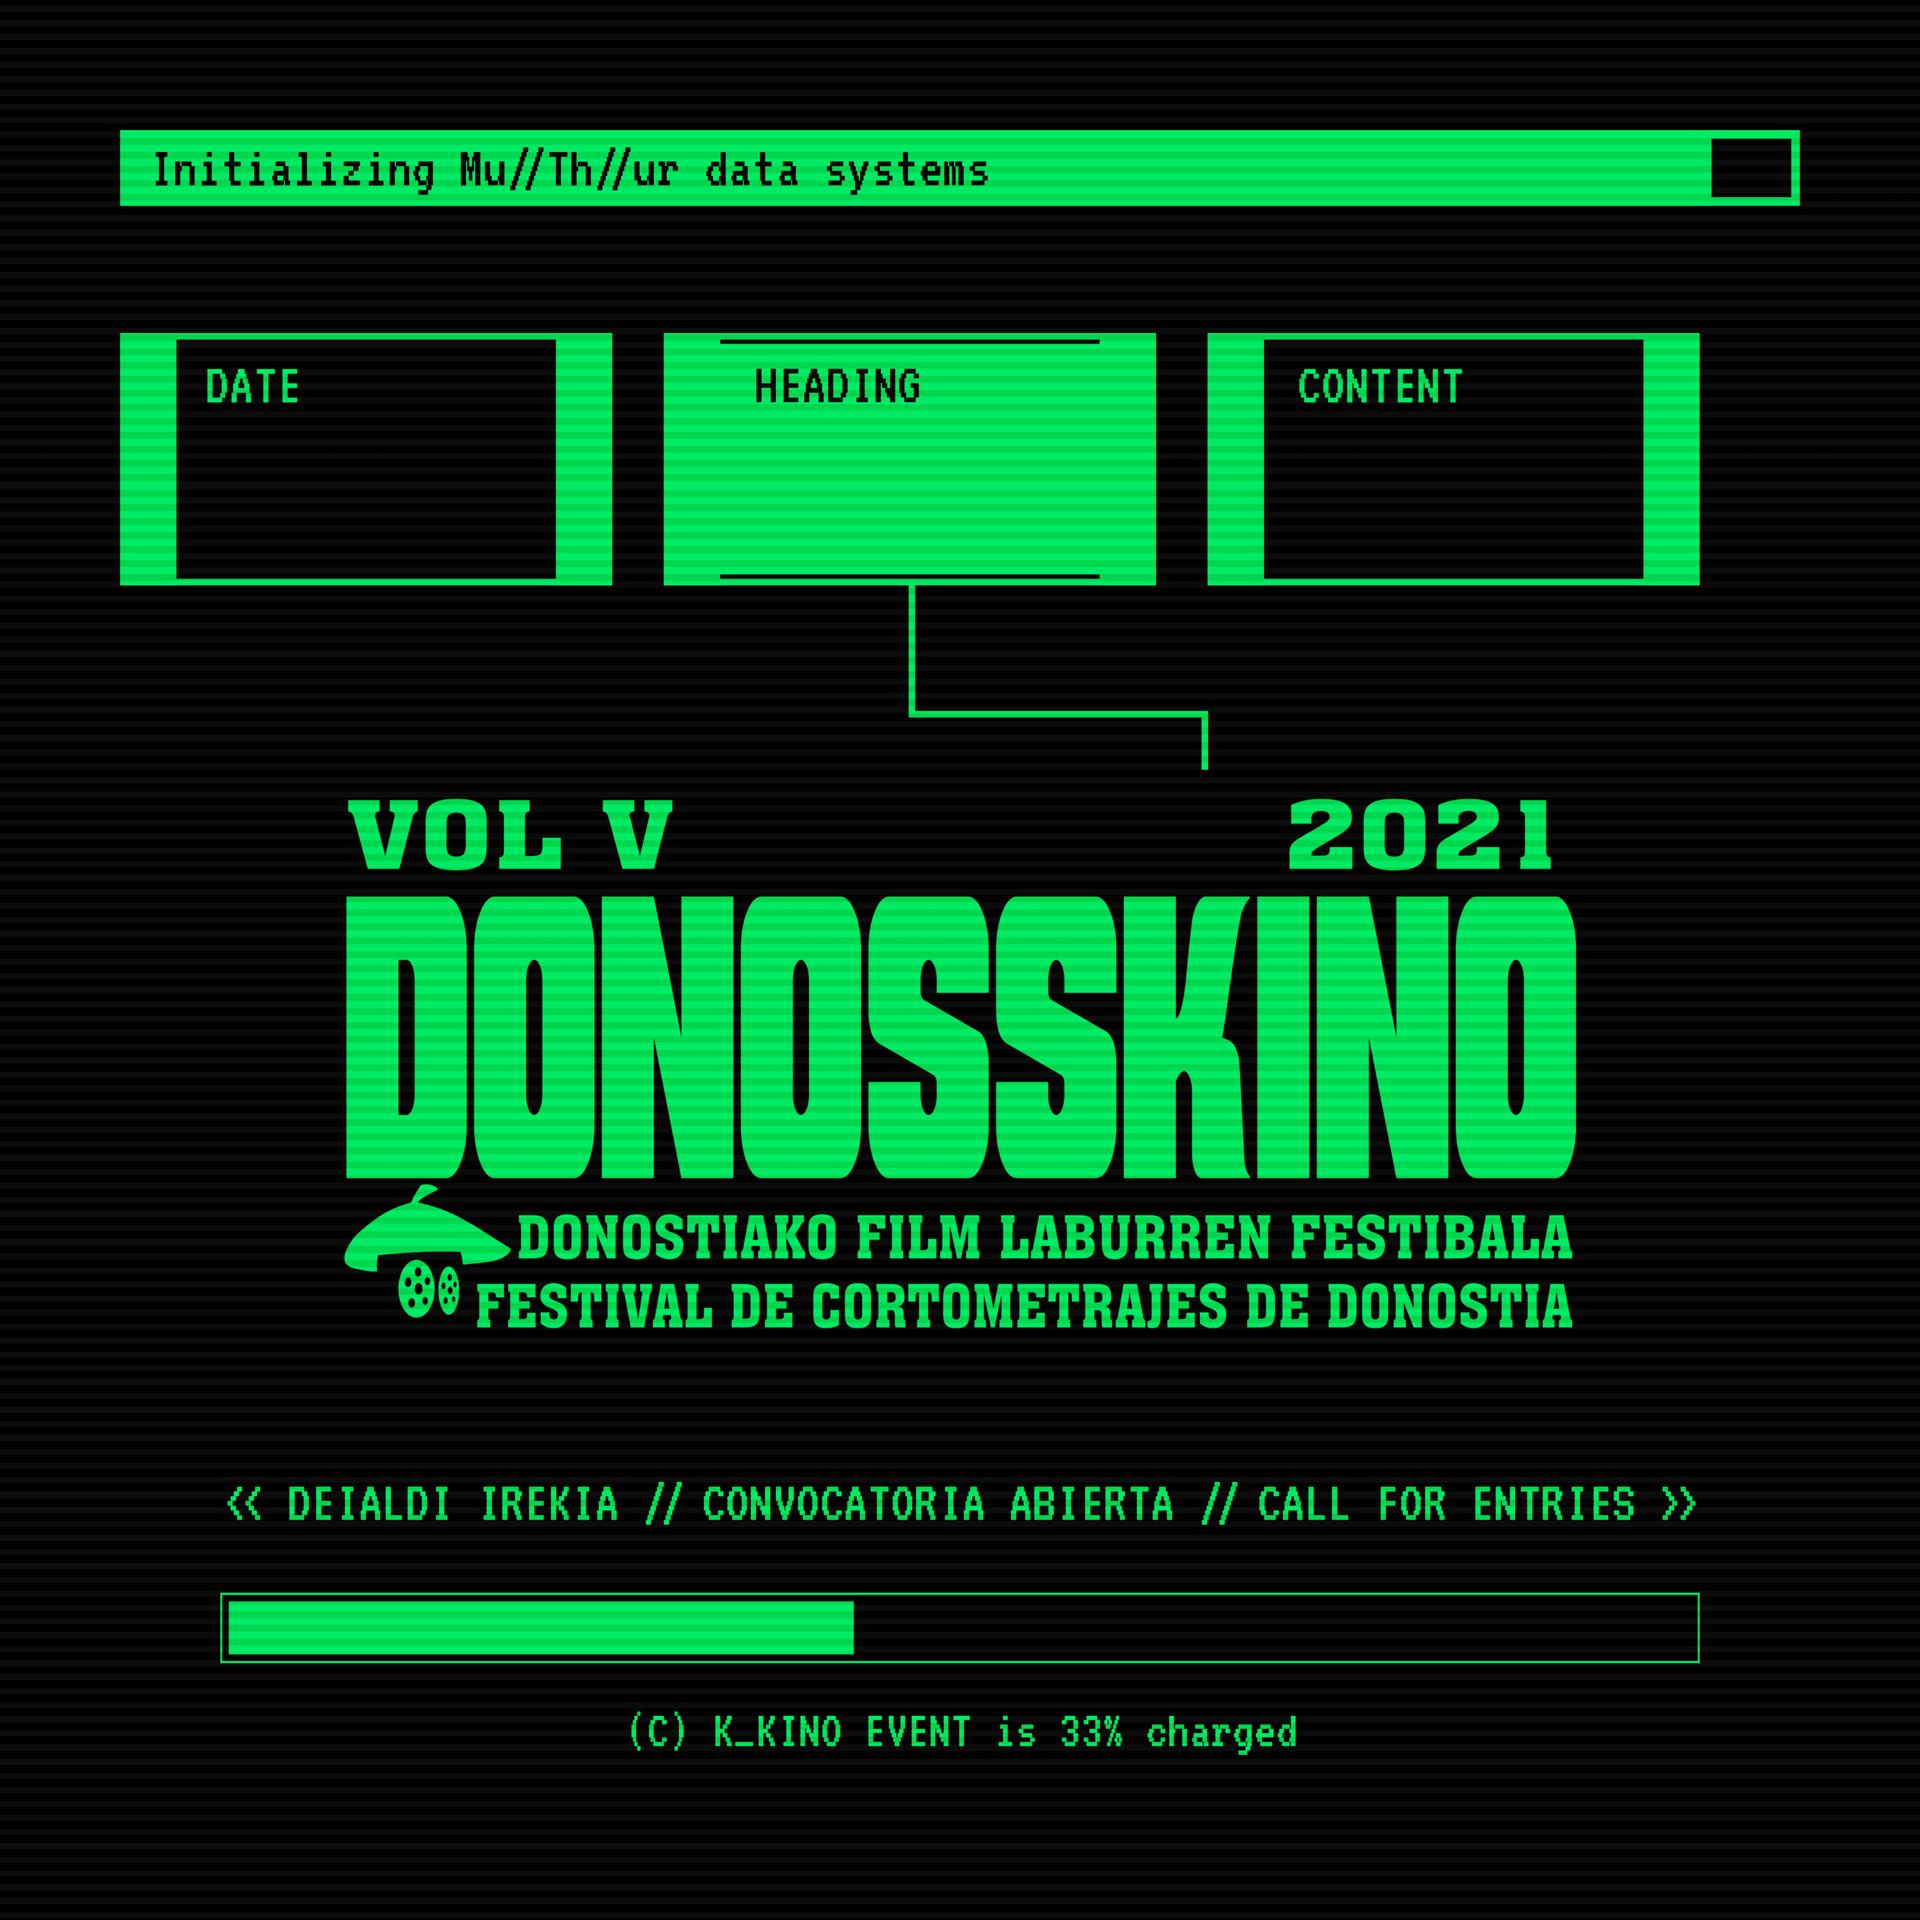 Cartel de la quinta edición de Donosskino. Foto: Donosskino festibala